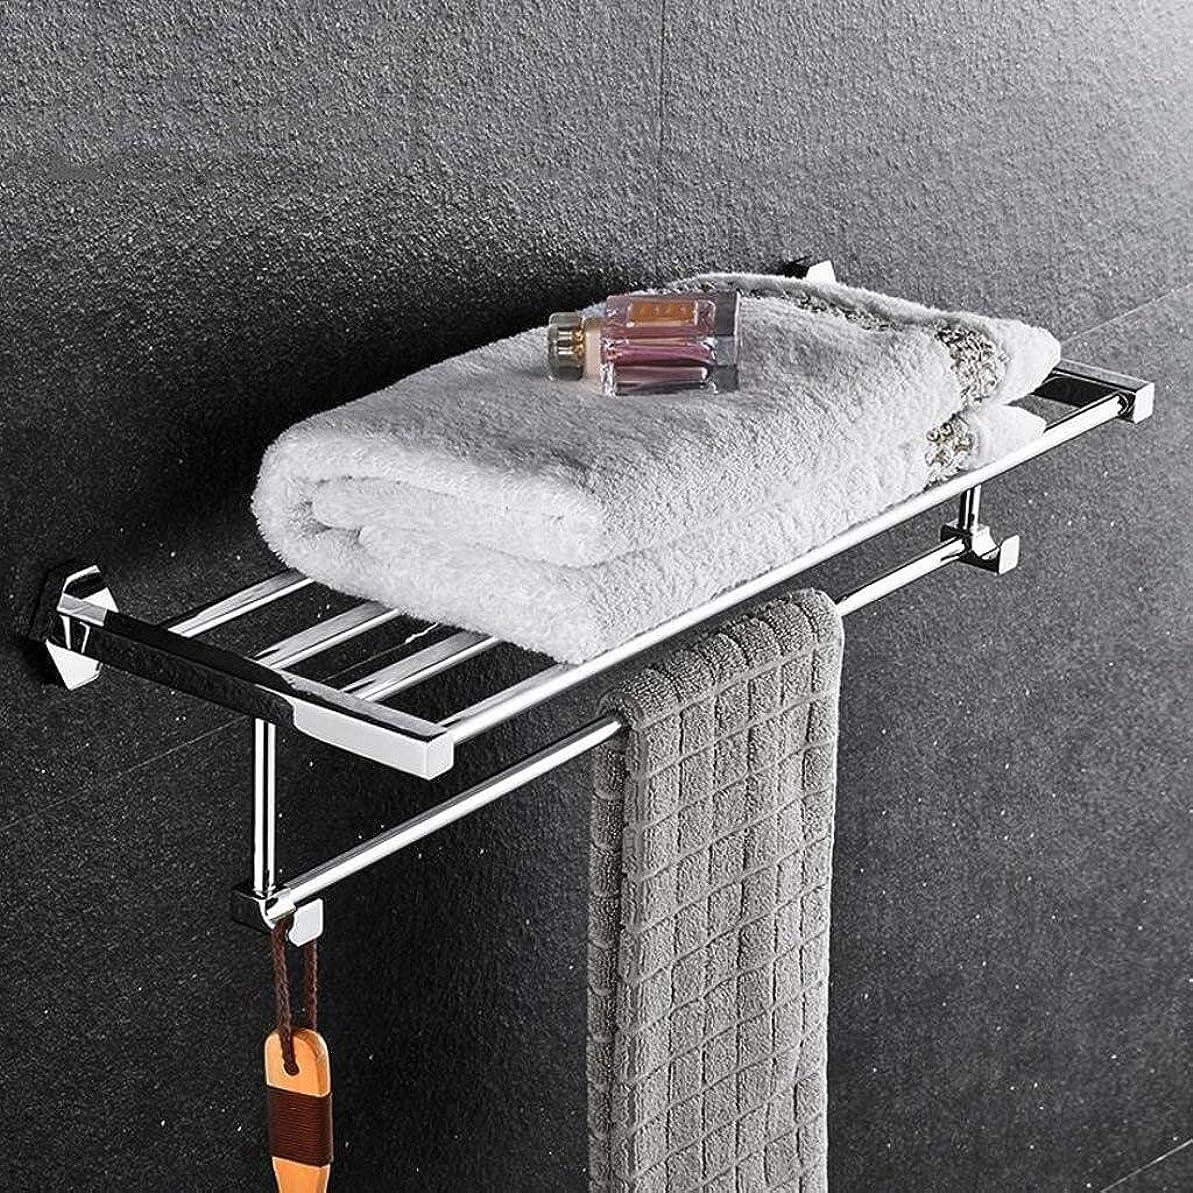 消費者意識構造的Dongy 浴室の銅タオルラック浴室の棚ネジ組み込みインストールRollsnownow (Size : 60CM)